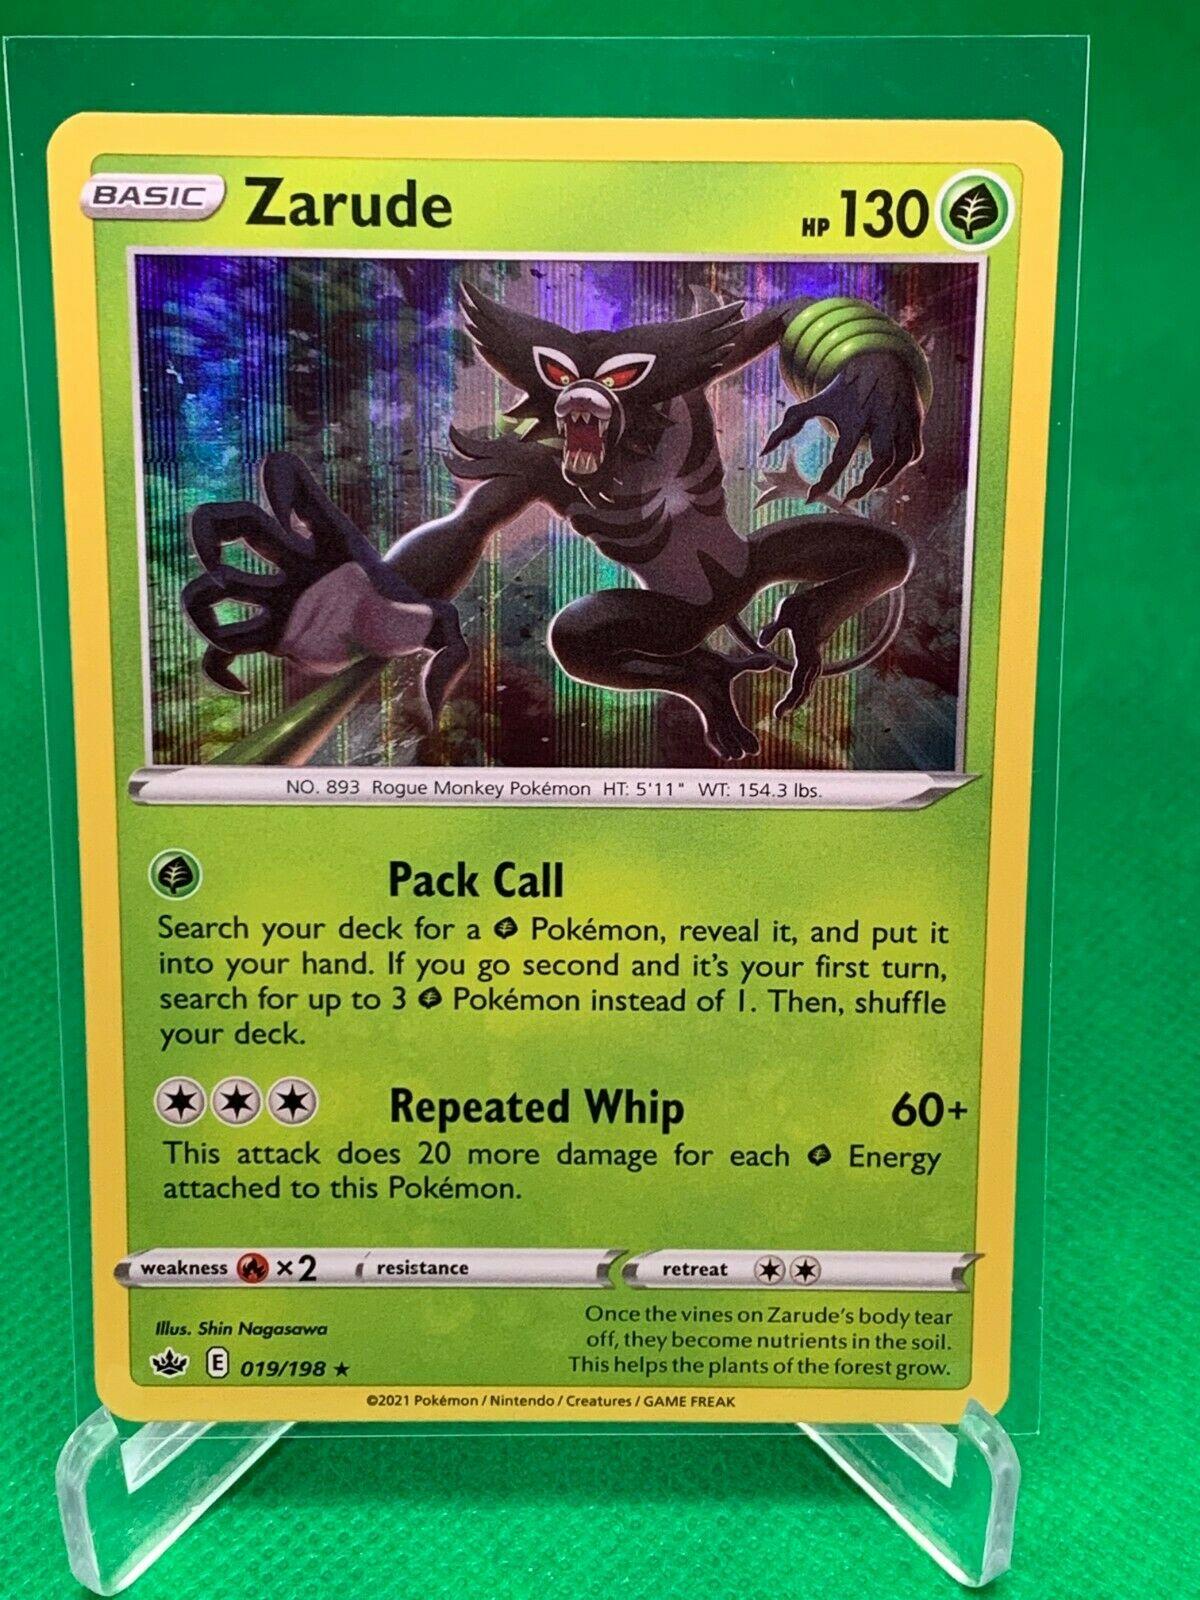 Pokemon - Zarude - Chilling Reign - 019/198 - Holo Rare